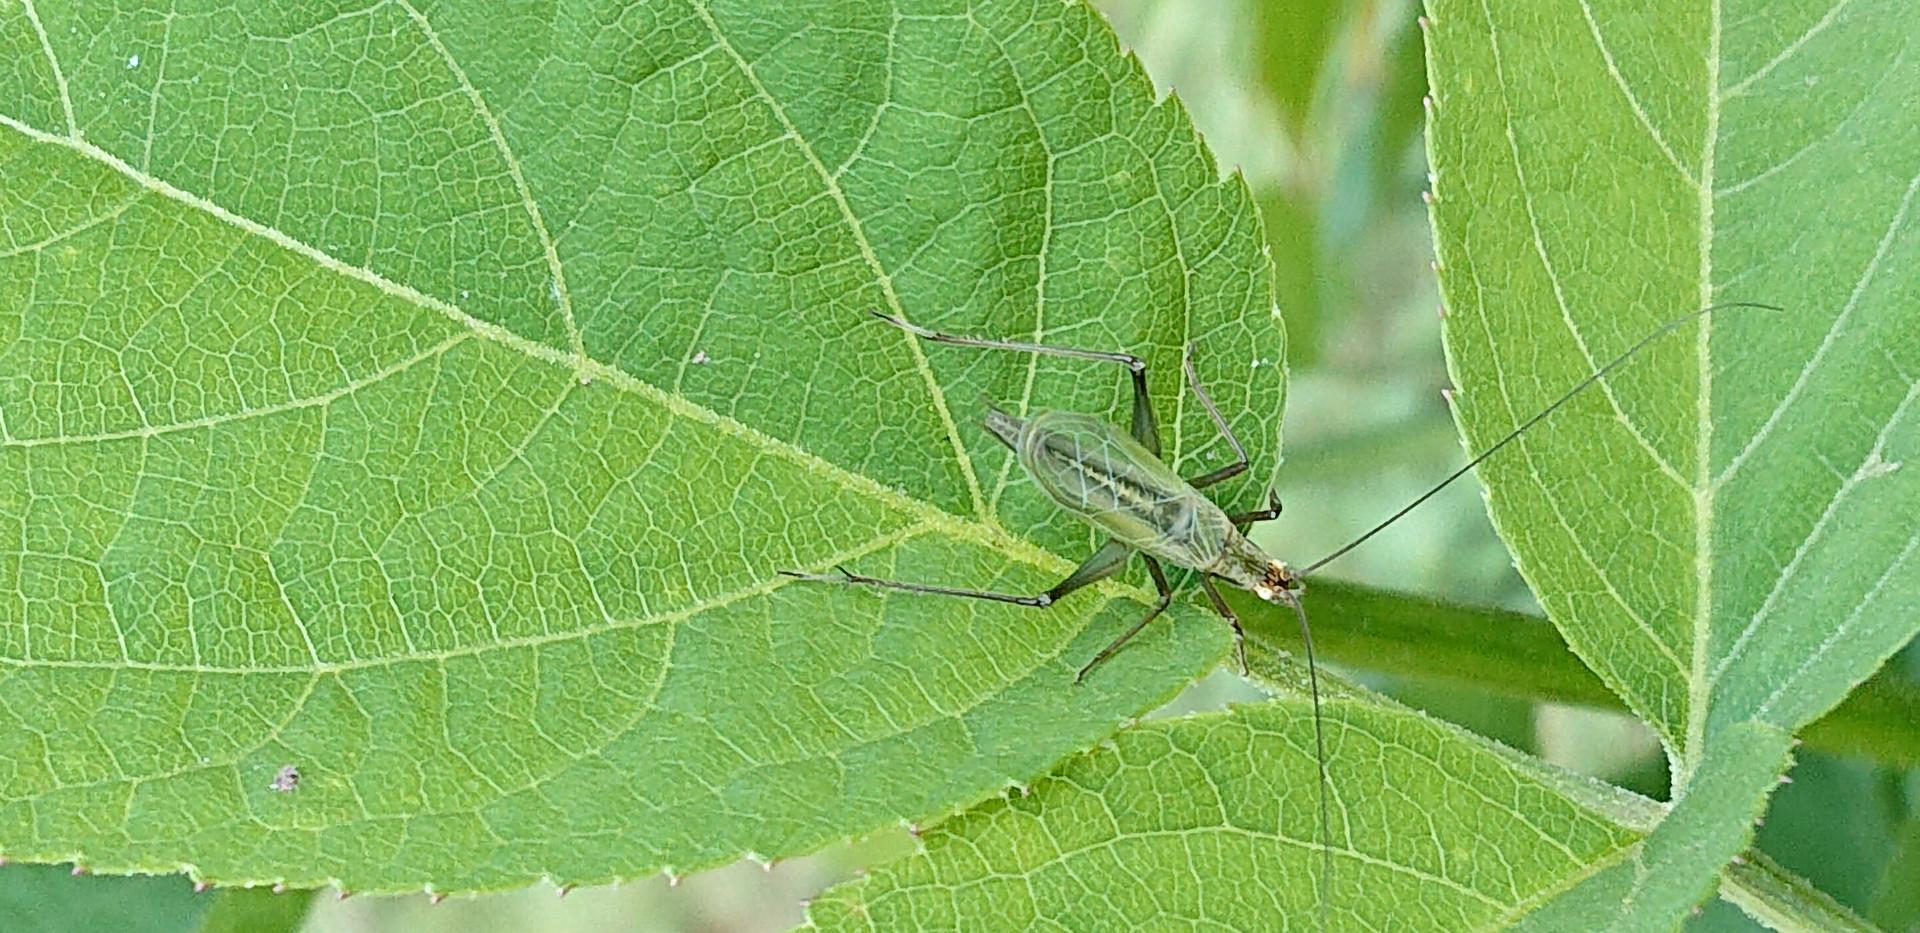 秋の虫 カンタン、マツムシ、スズムシ この虫は?